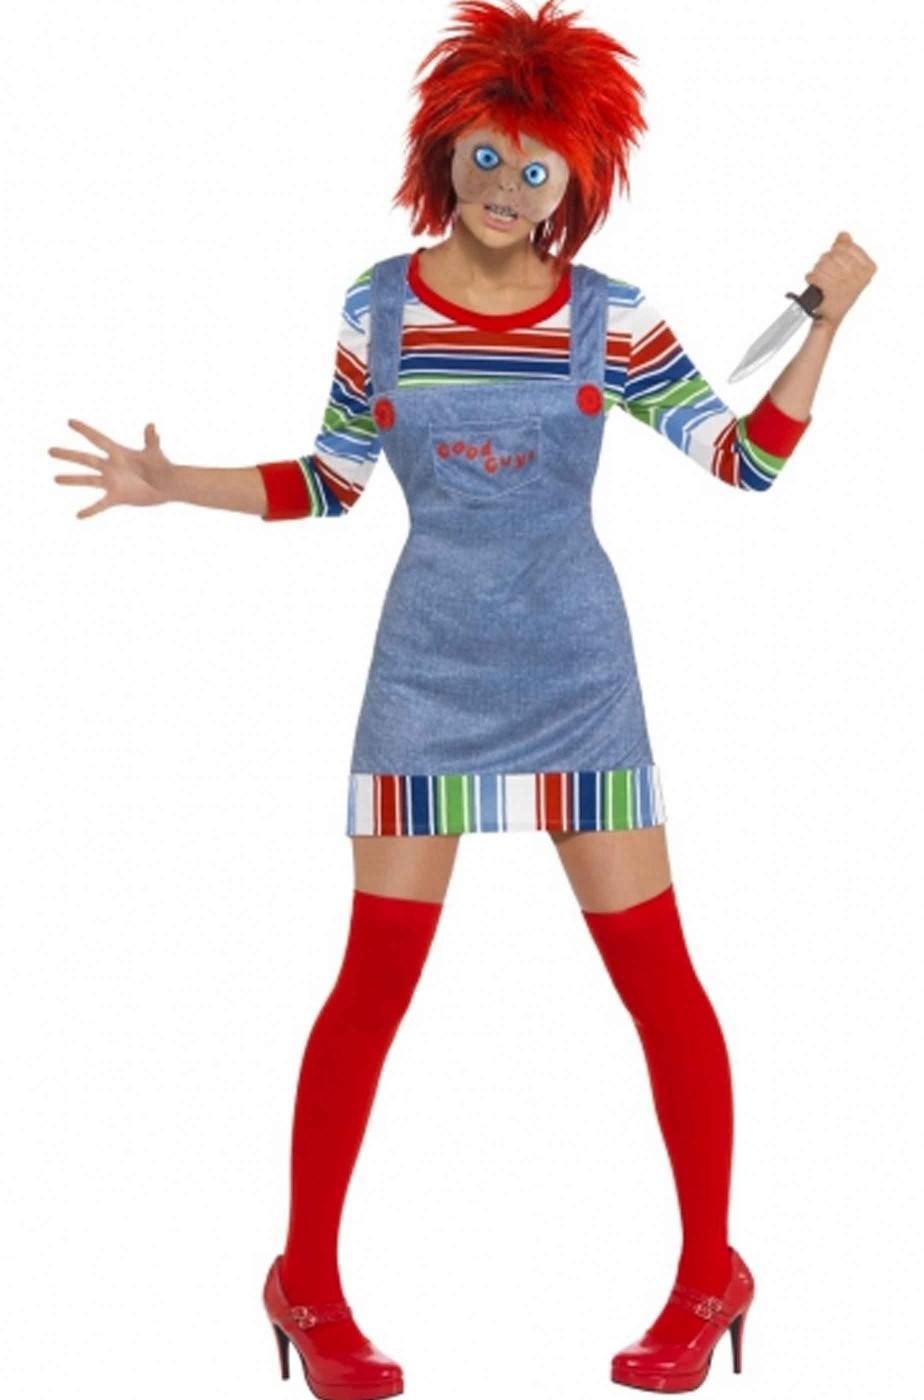 molto carino 2019 reale fashion style Costume Halloween da donna Chucky la bambola assassina